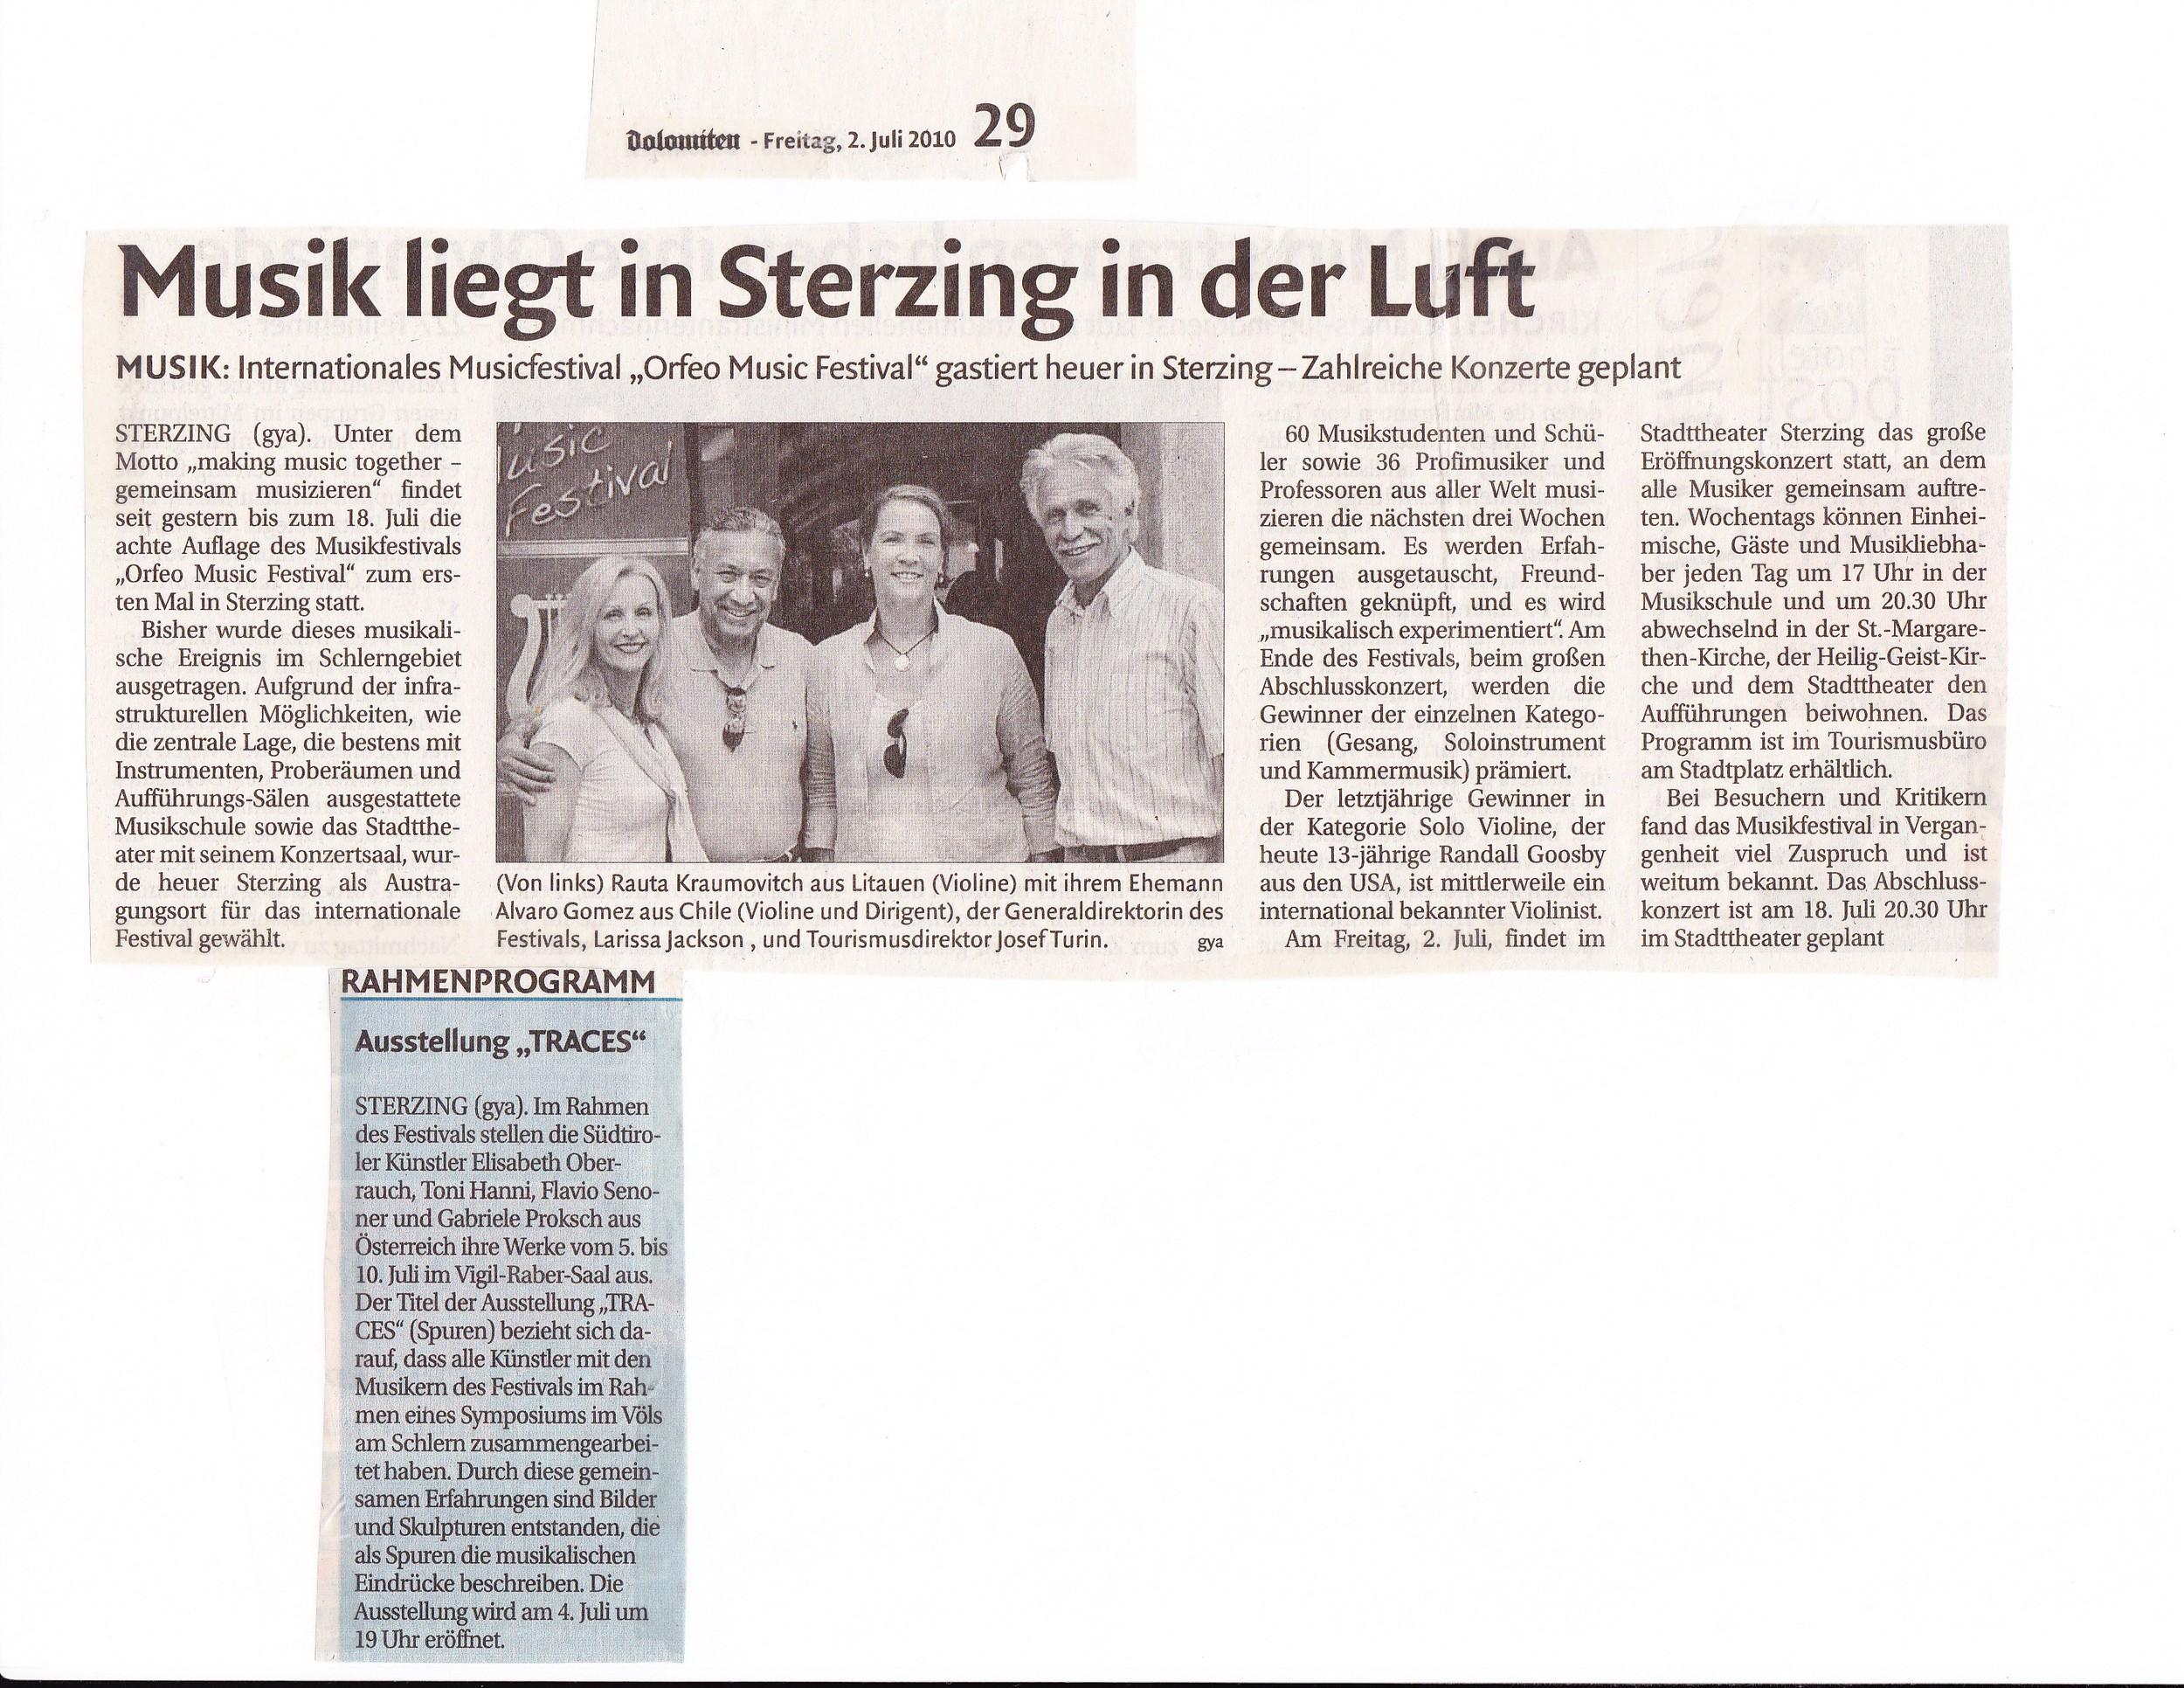 2010 Dolomiten-Musik liegt in Sterzing in der Luft.jpg